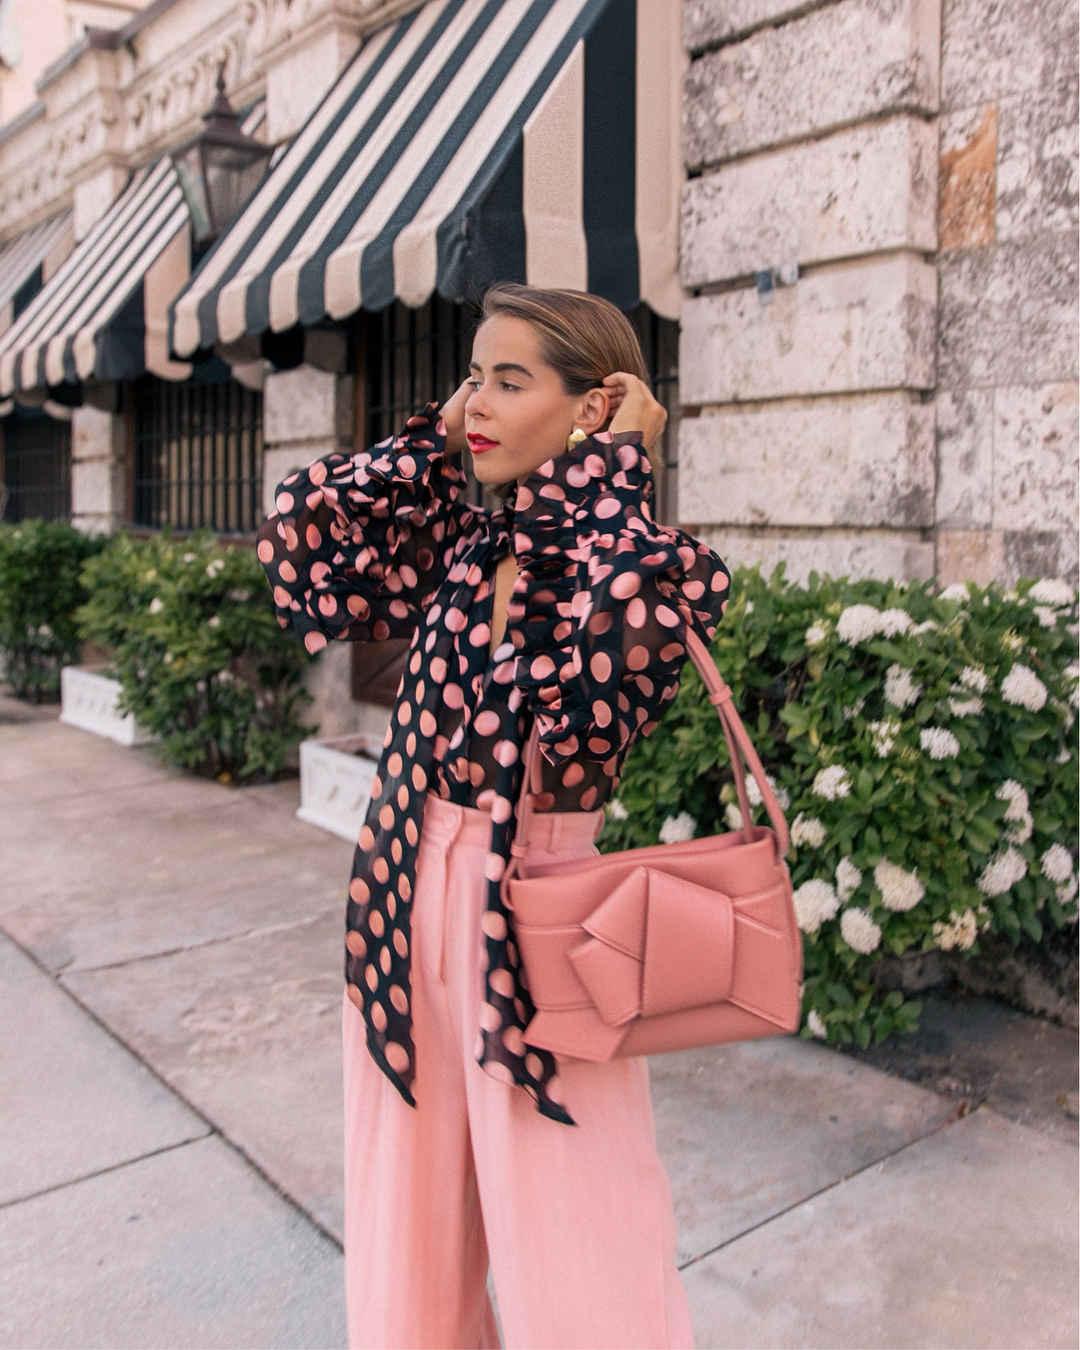 Модный офисный стиль 2019-2020 с брюками фото идеи_19